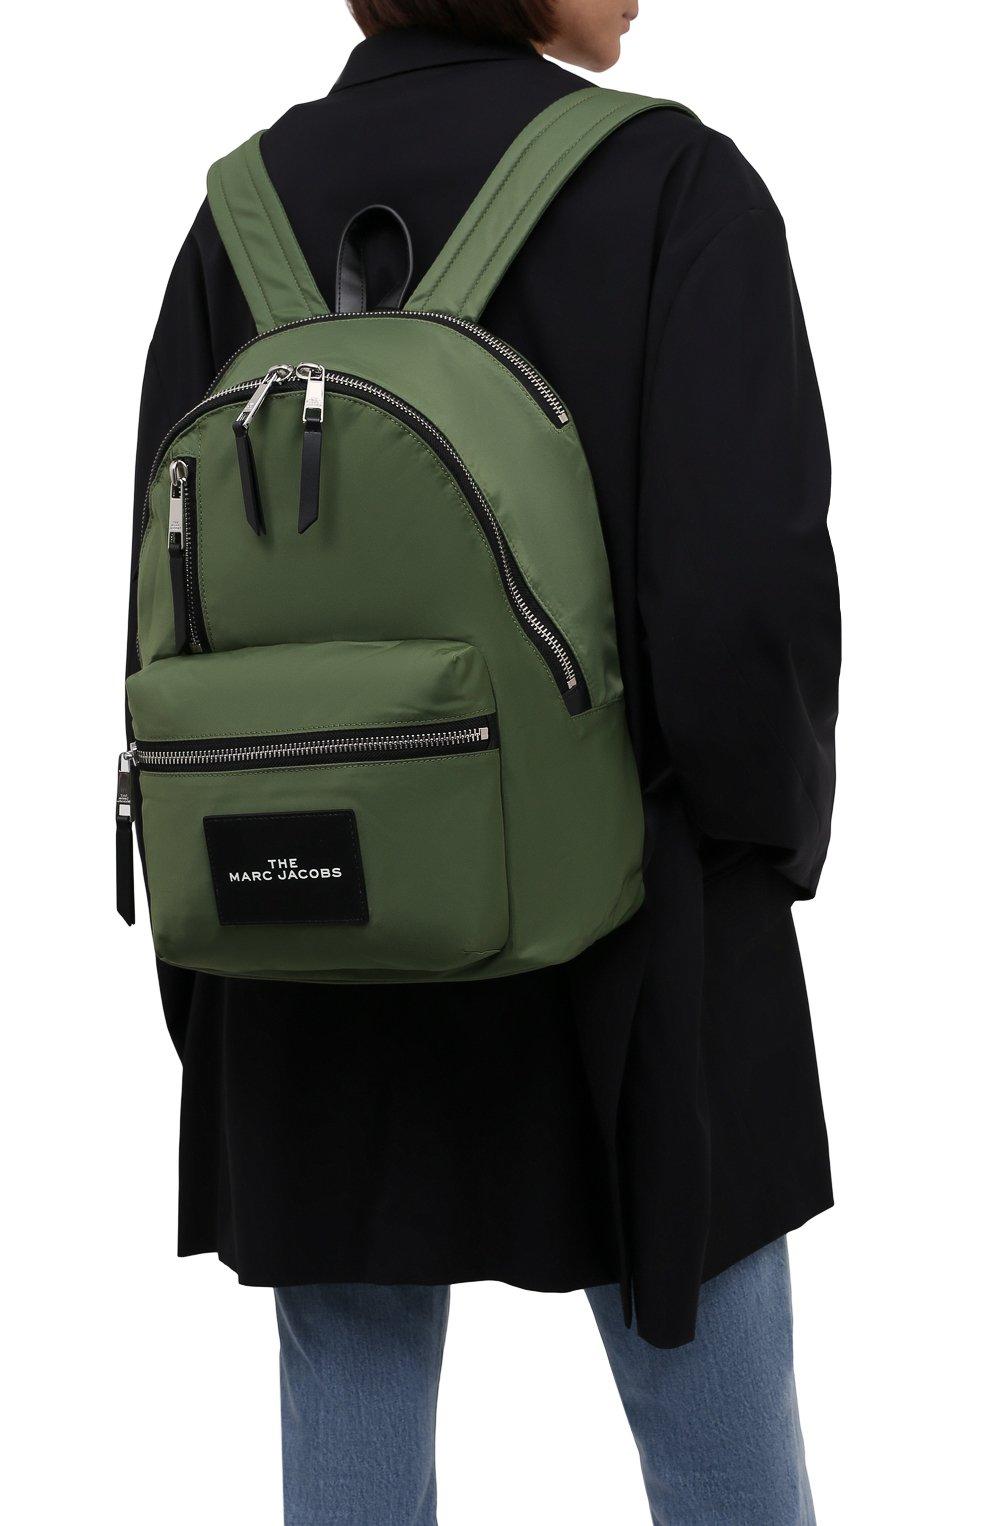 Женский рюкзак MARC JACOBS (THE) темно-зеленого цвета, арт. H303M02PF21 | Фото 2